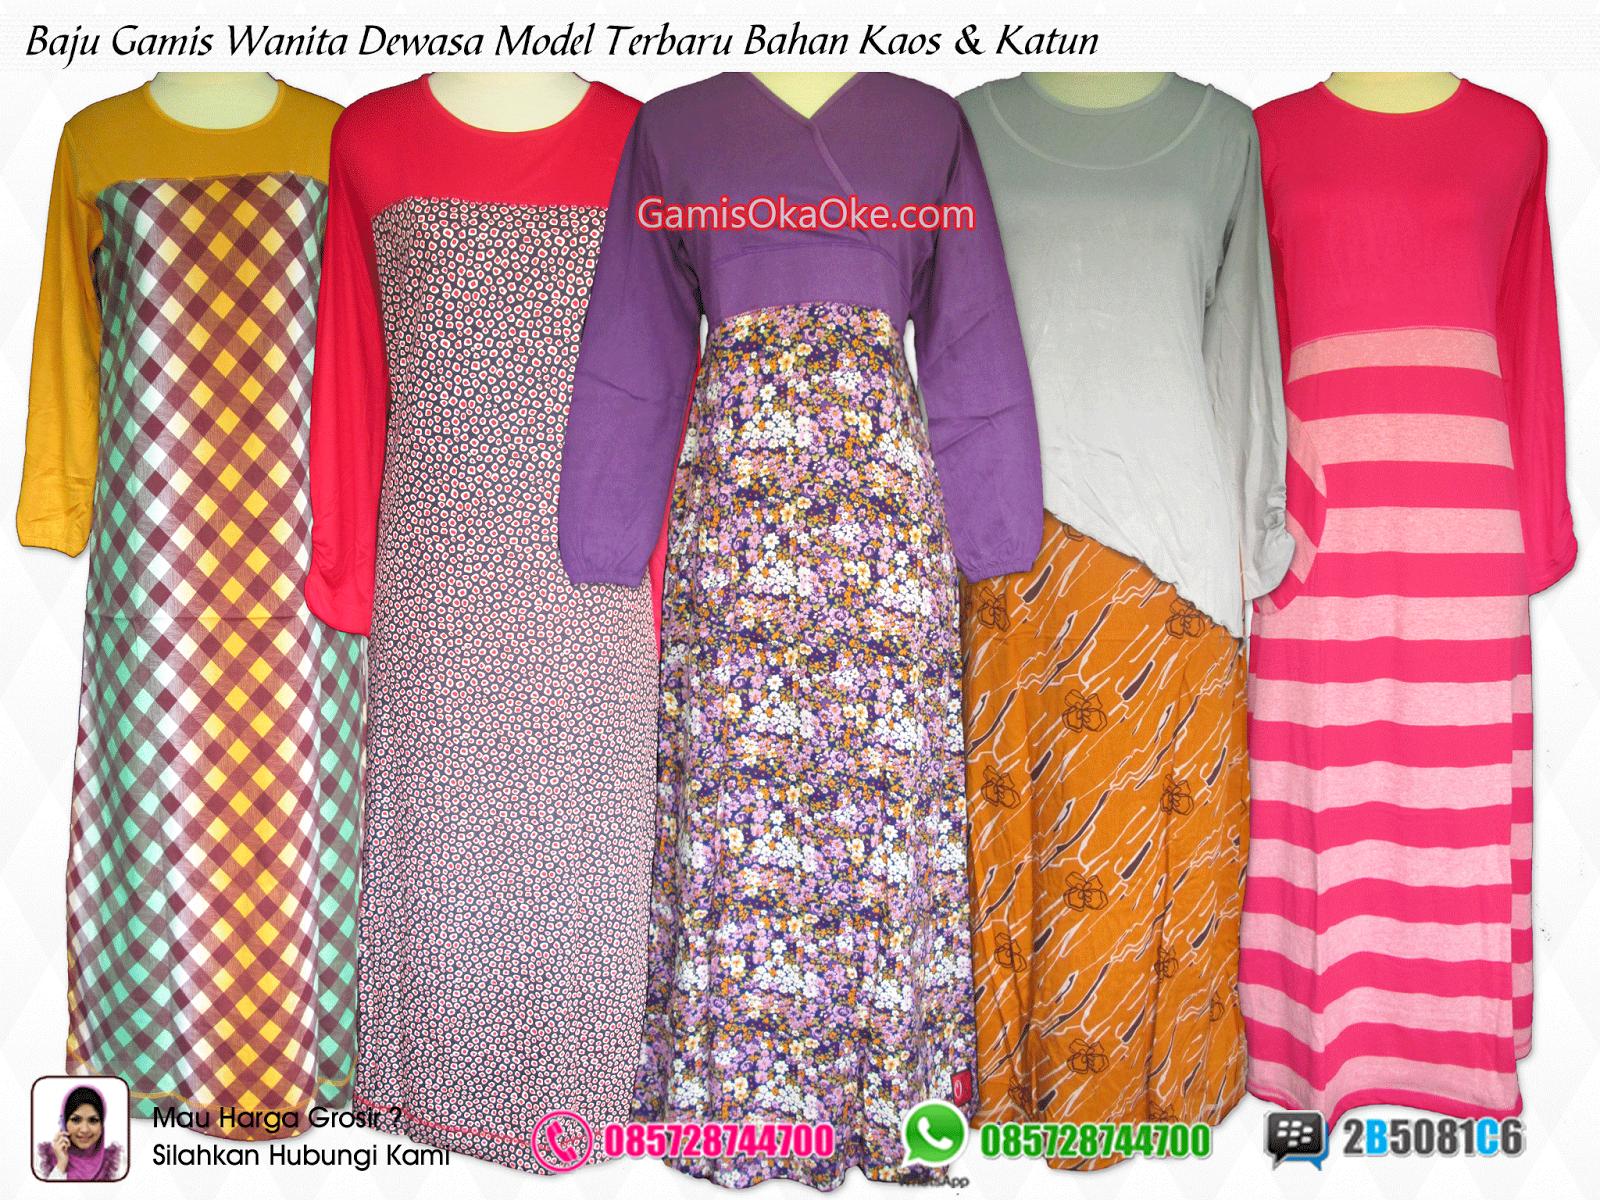 Baju gamis oka oke untuk wanita dewasa model terbaru tersedia di Solo, Semarang, Jakrta, Jogja, Klaten, Surabaya, Wonosobo, Yogyakarta